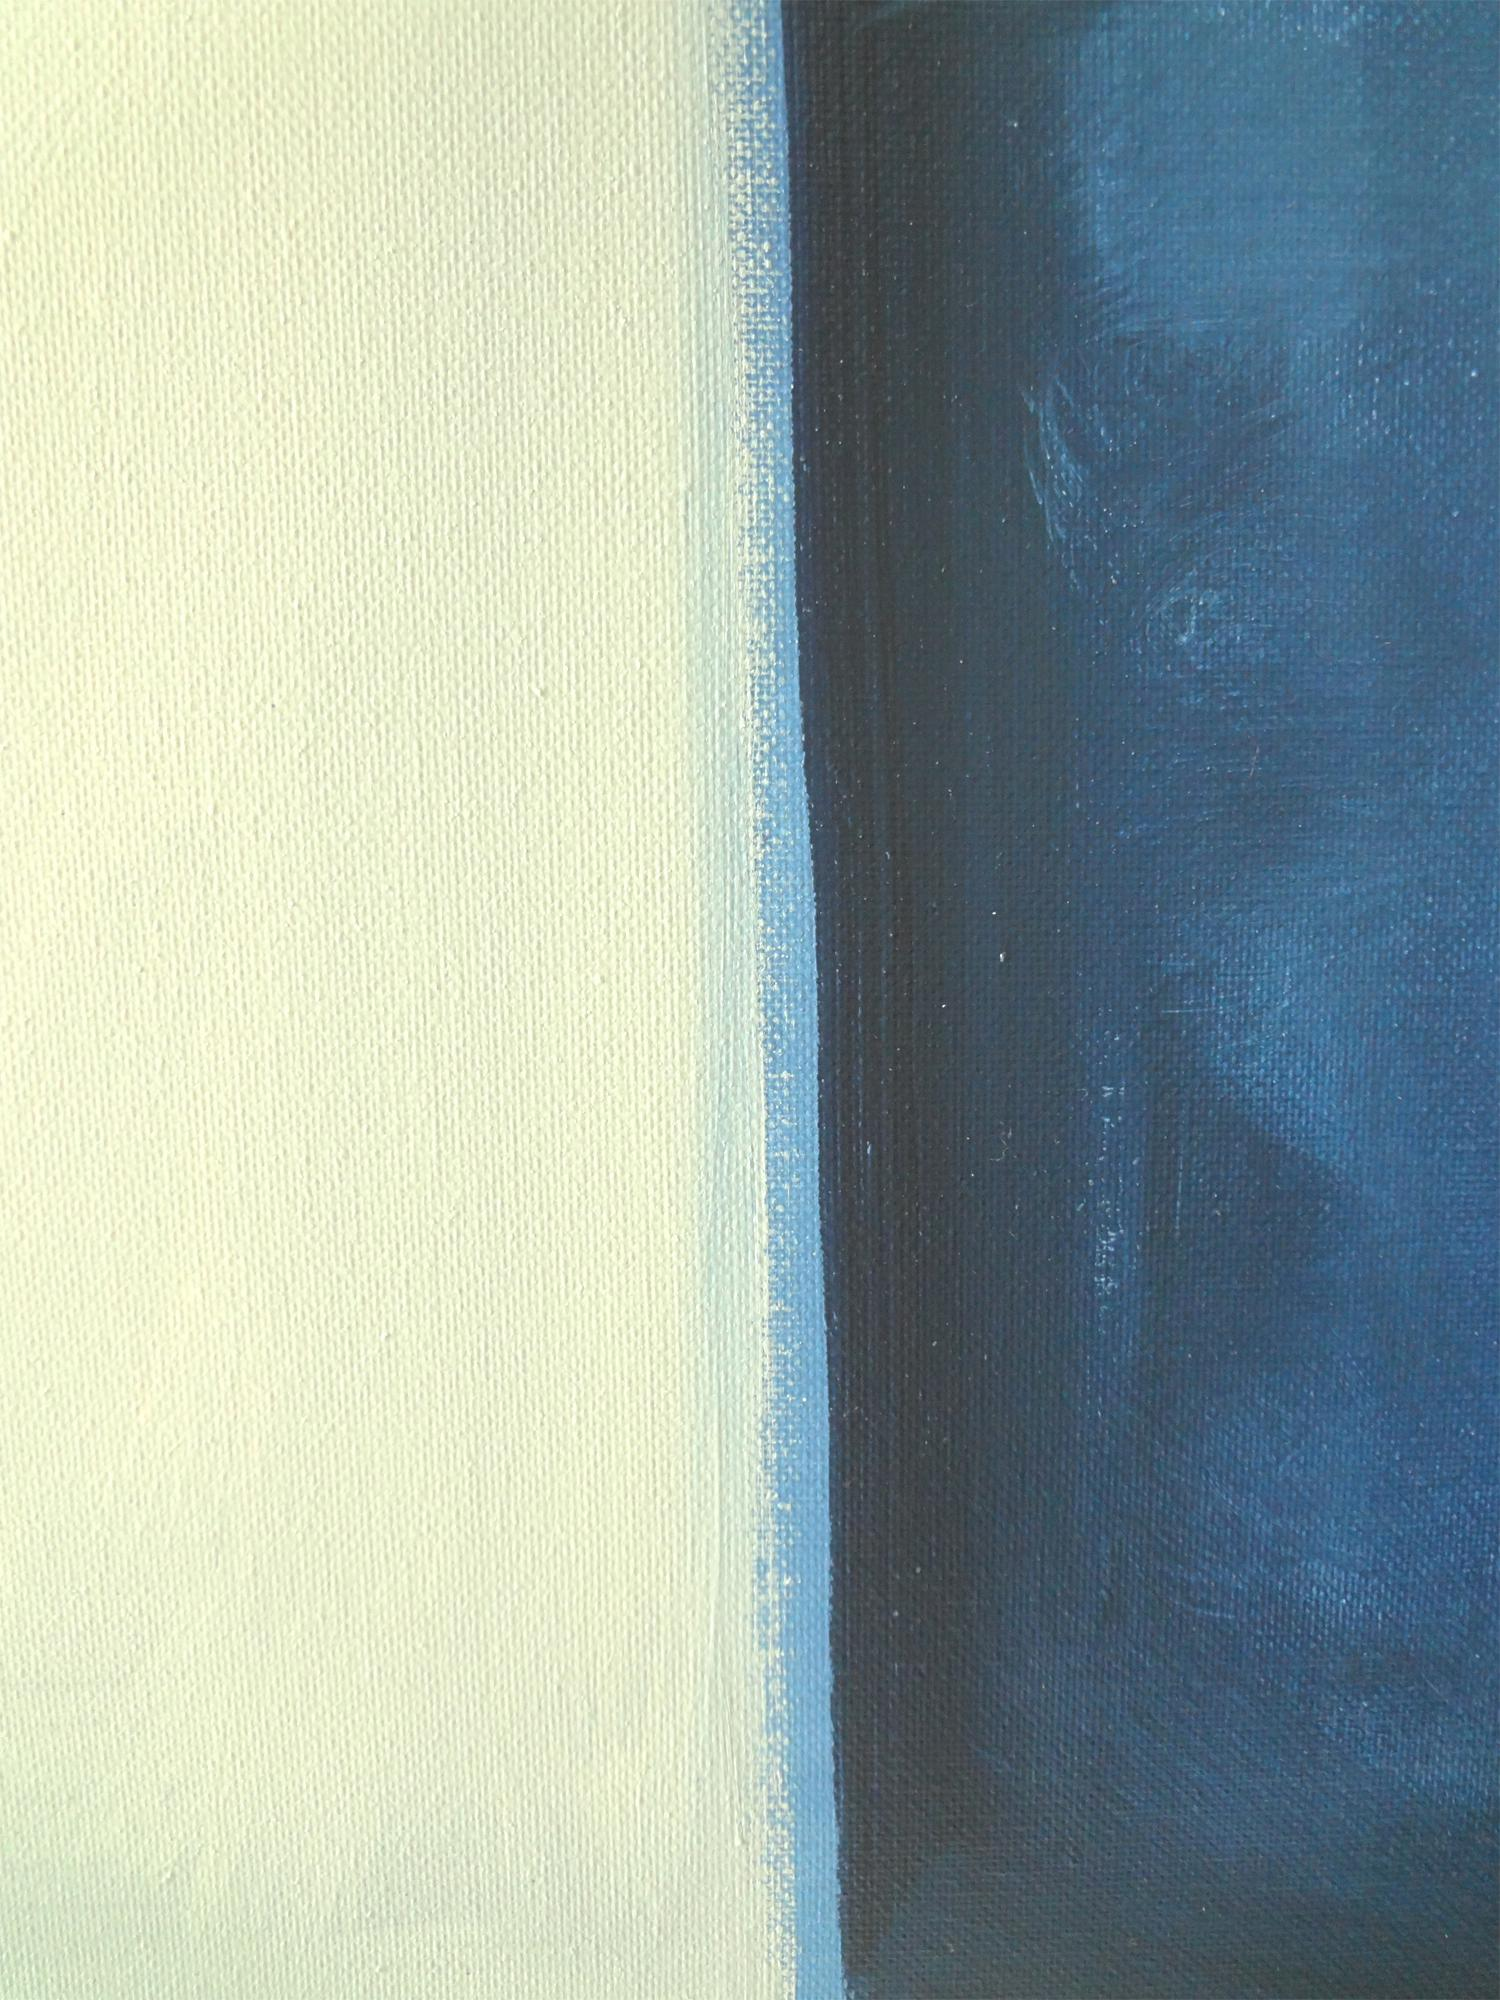 open door painting. \ Open Door Painting